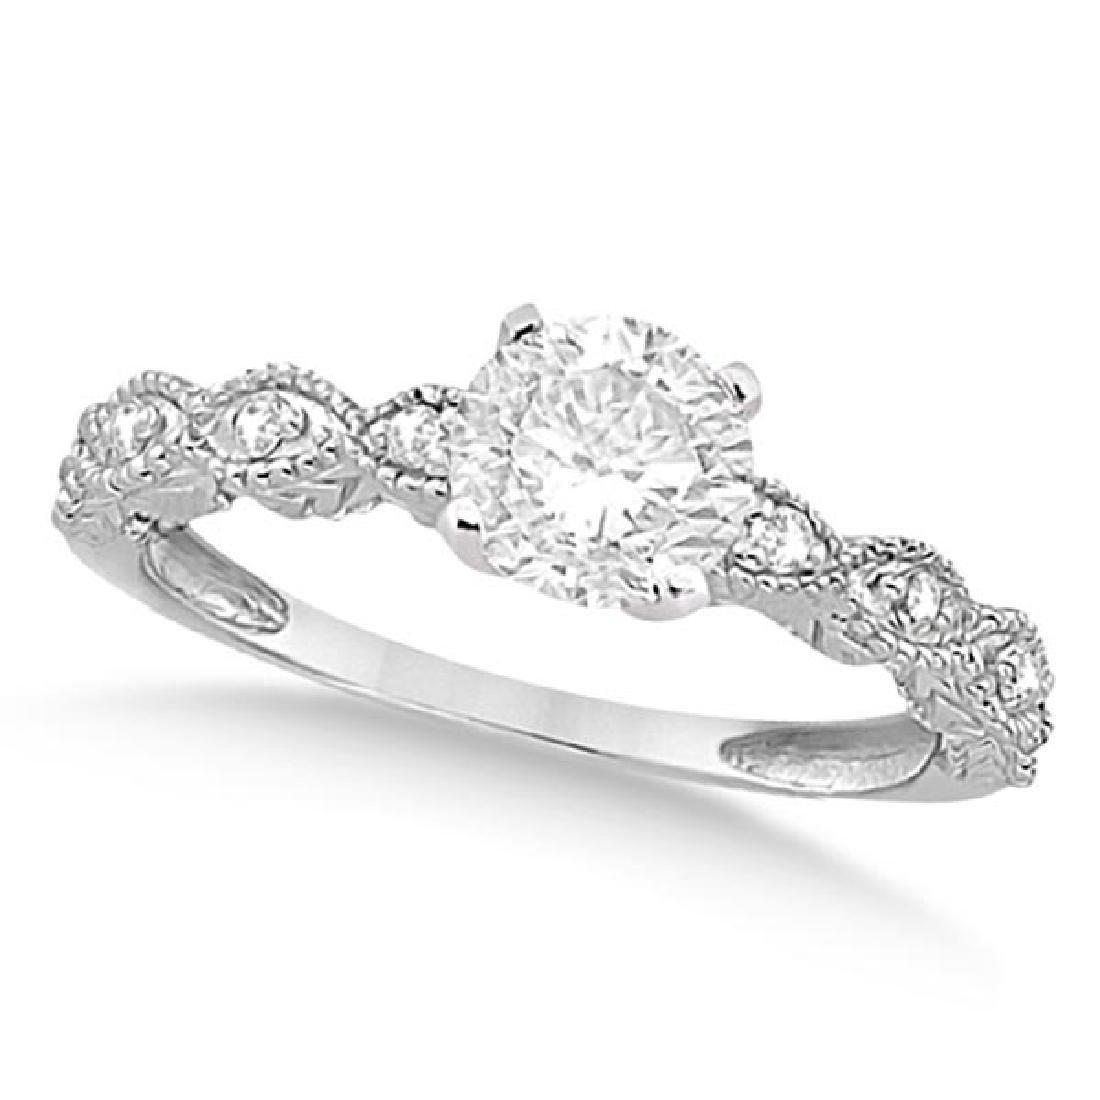 Petite Antique-Design Diamond Engagement Ring 14k White